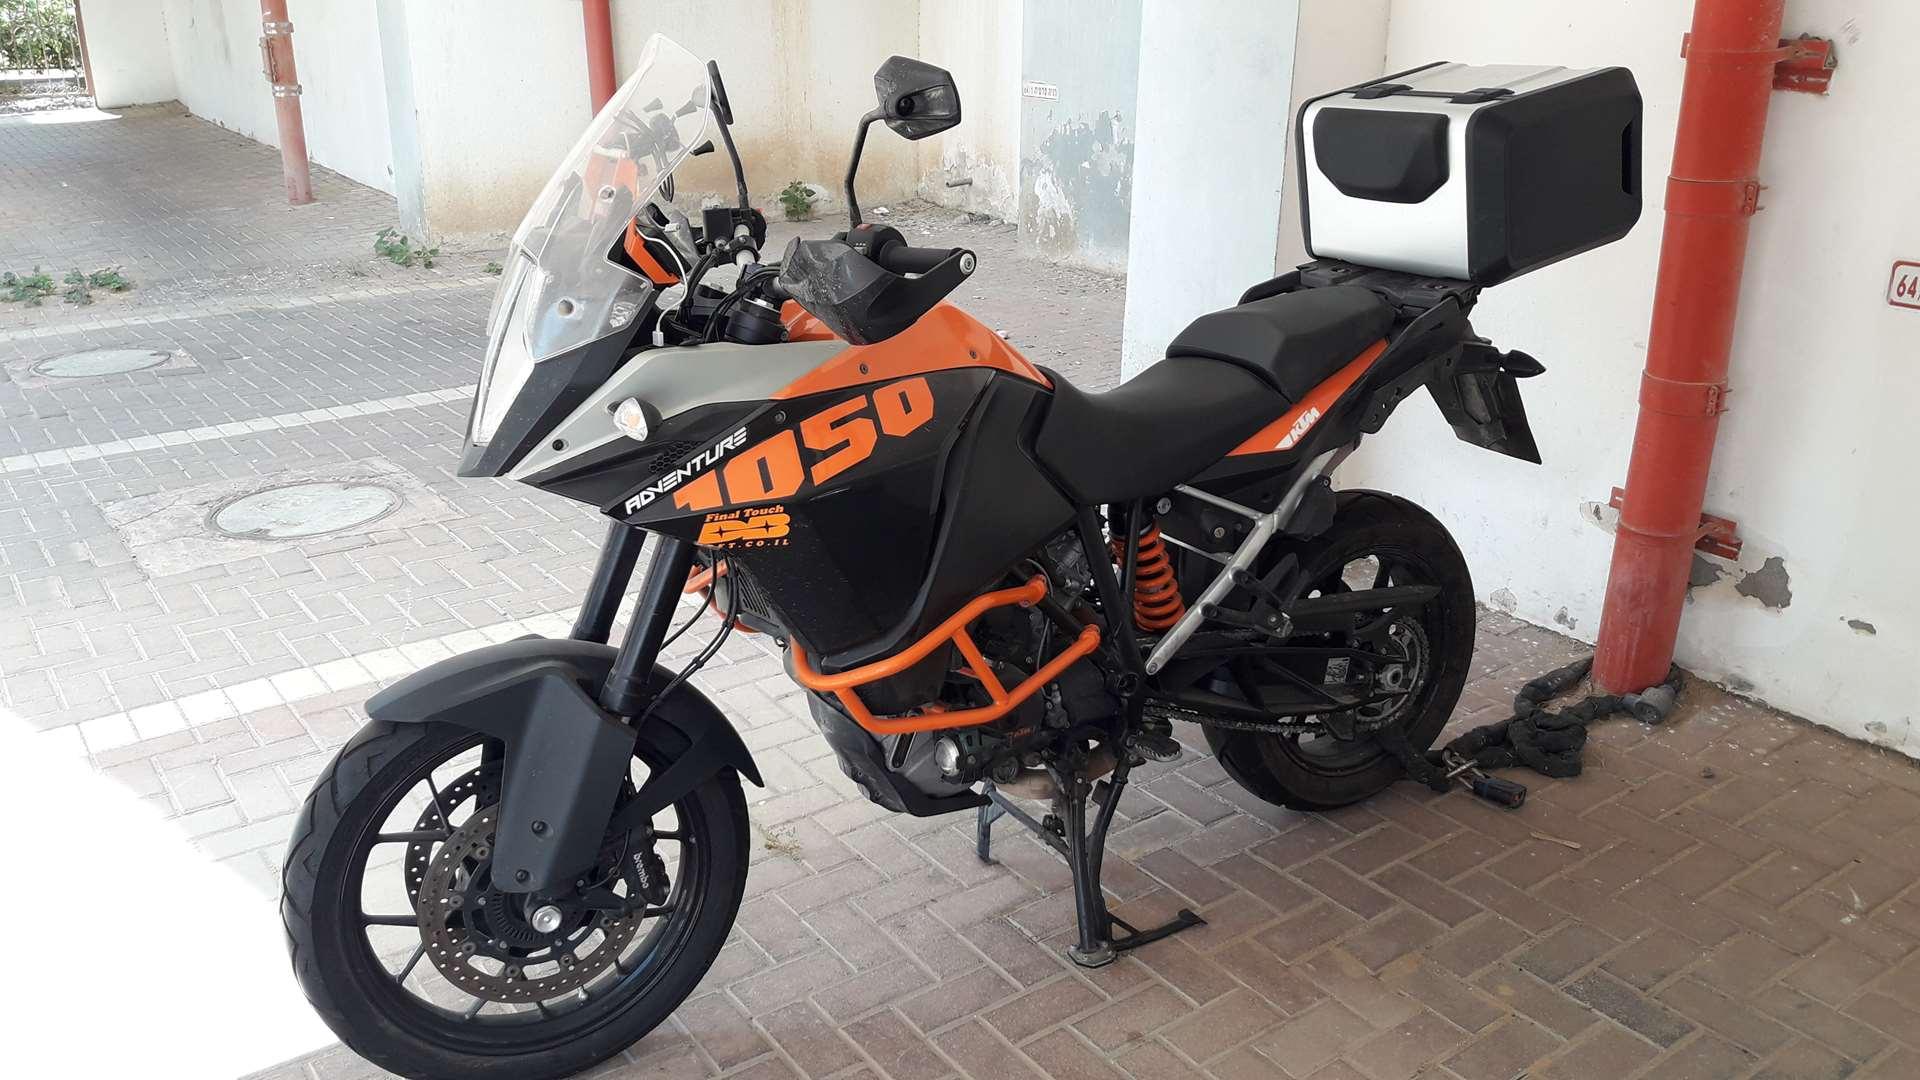 ק.ט.מ / KTM אדוונצ'ר 1050